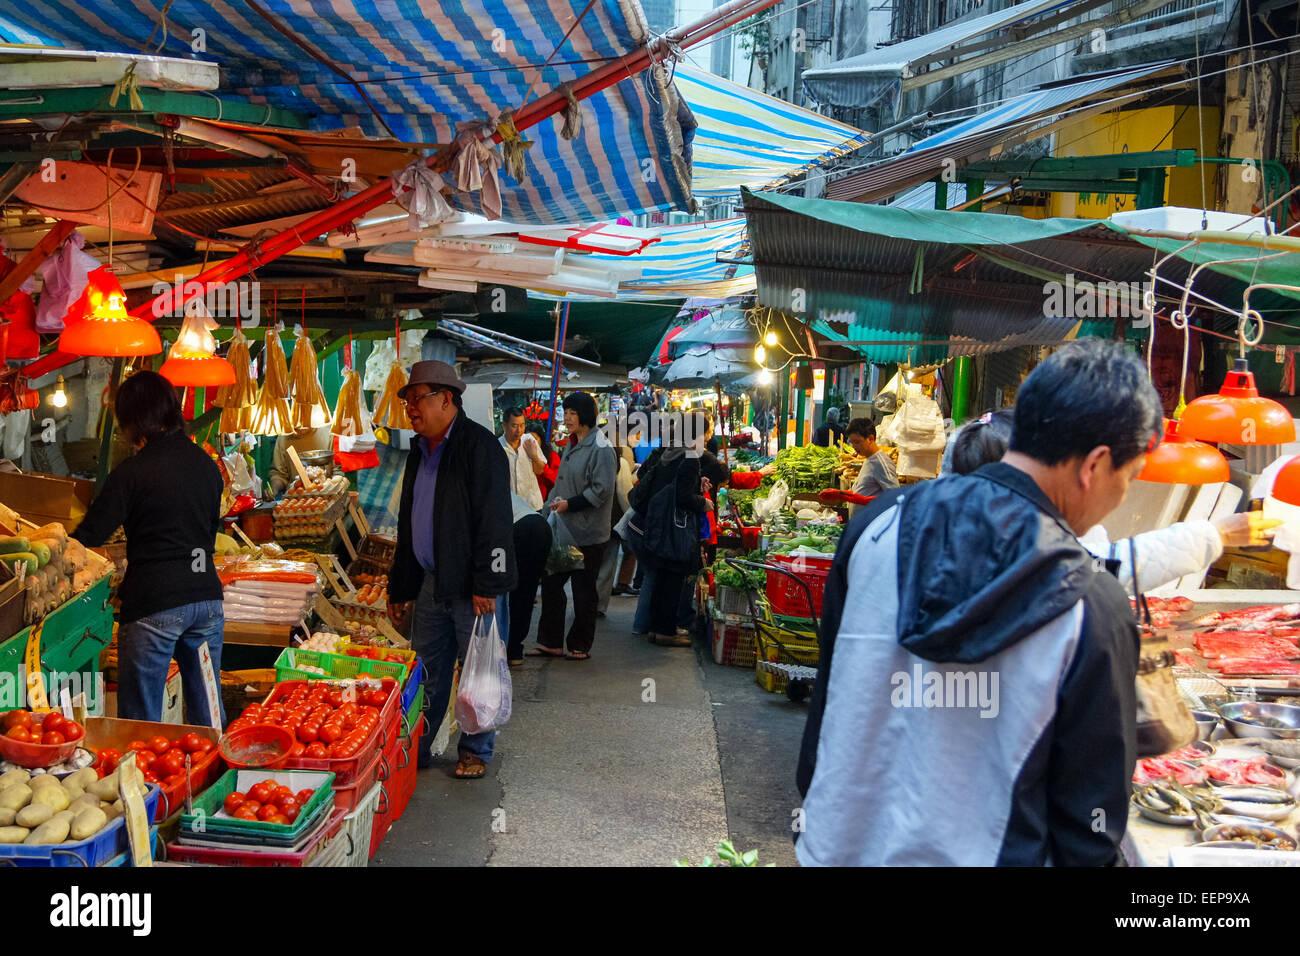 La gente la navigazione e lo shopping al mercato alimentare di bancarelle in Gage Street, Hong Kong, Cina Immagini Stock